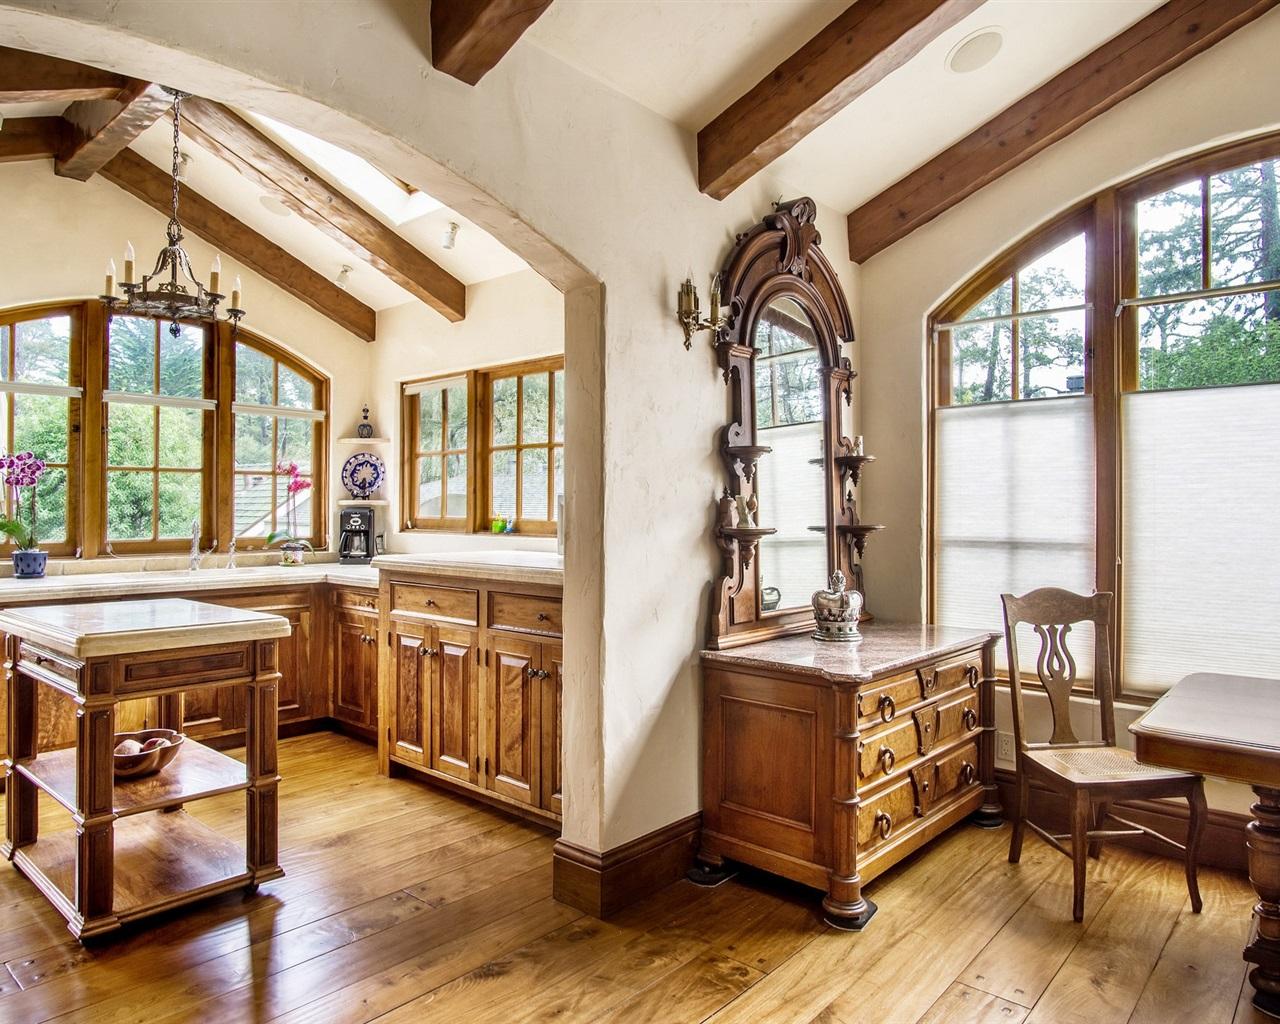 Download Wallpaper 1280x1024 Kitchen, Furniture, Windows